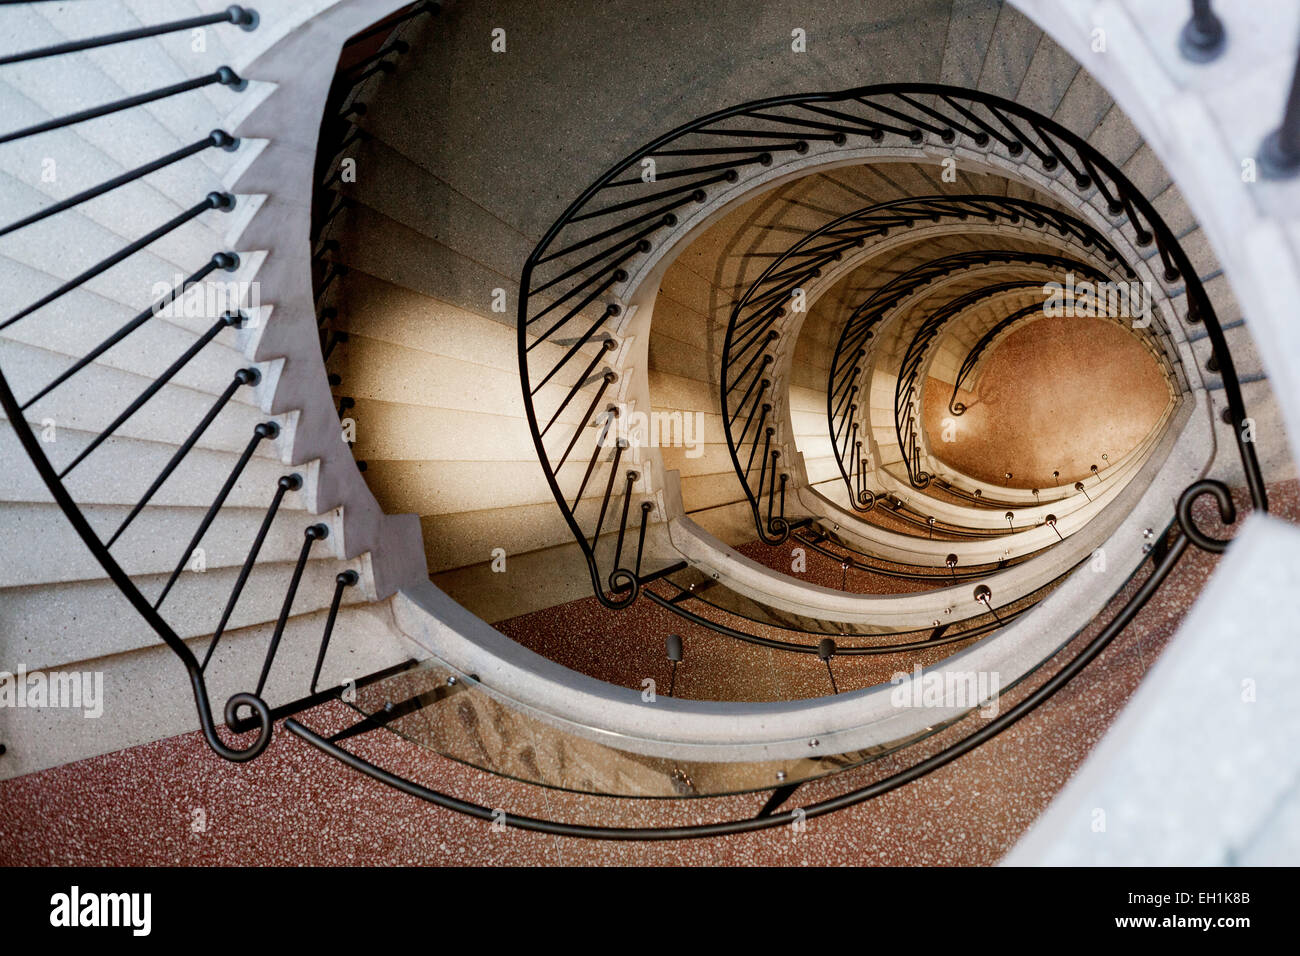 Tourné directement au-dessus de l'escalier à vis Photo Stock